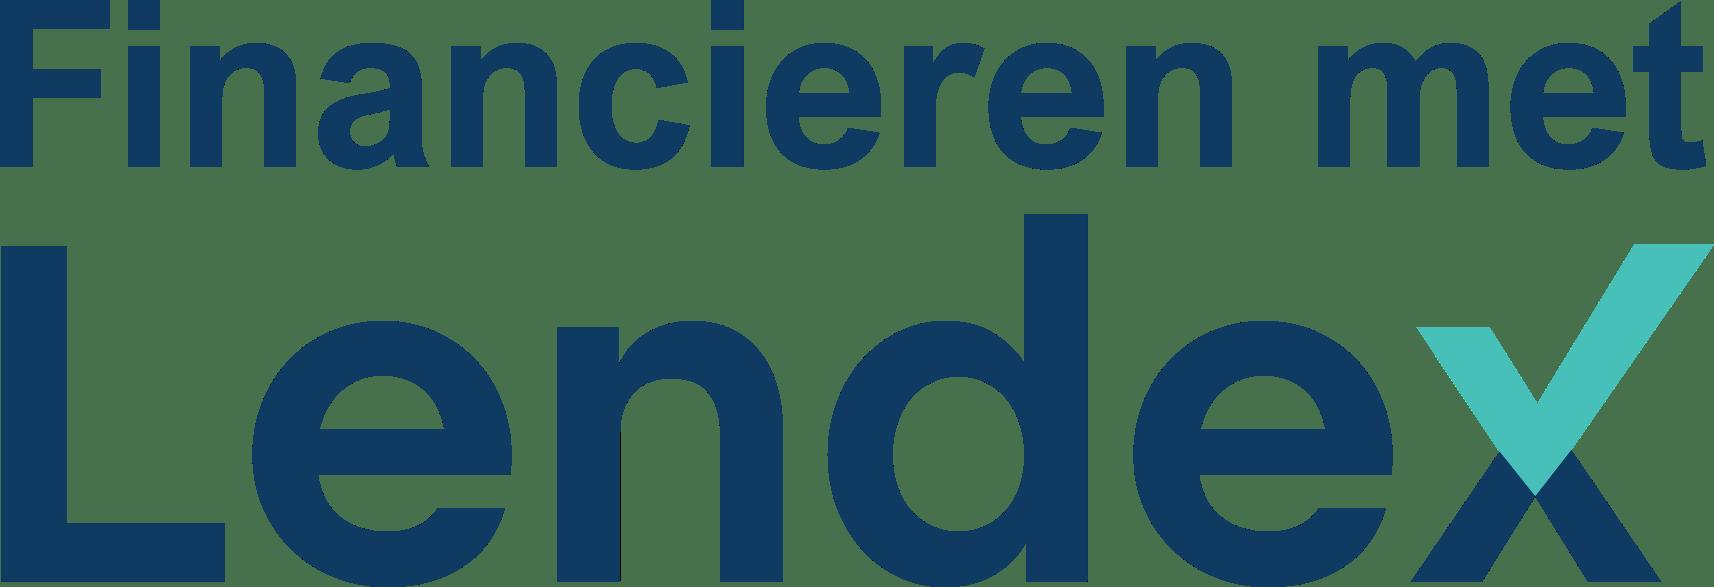 Financieren-met-Lendex-logo.png (1714×587)